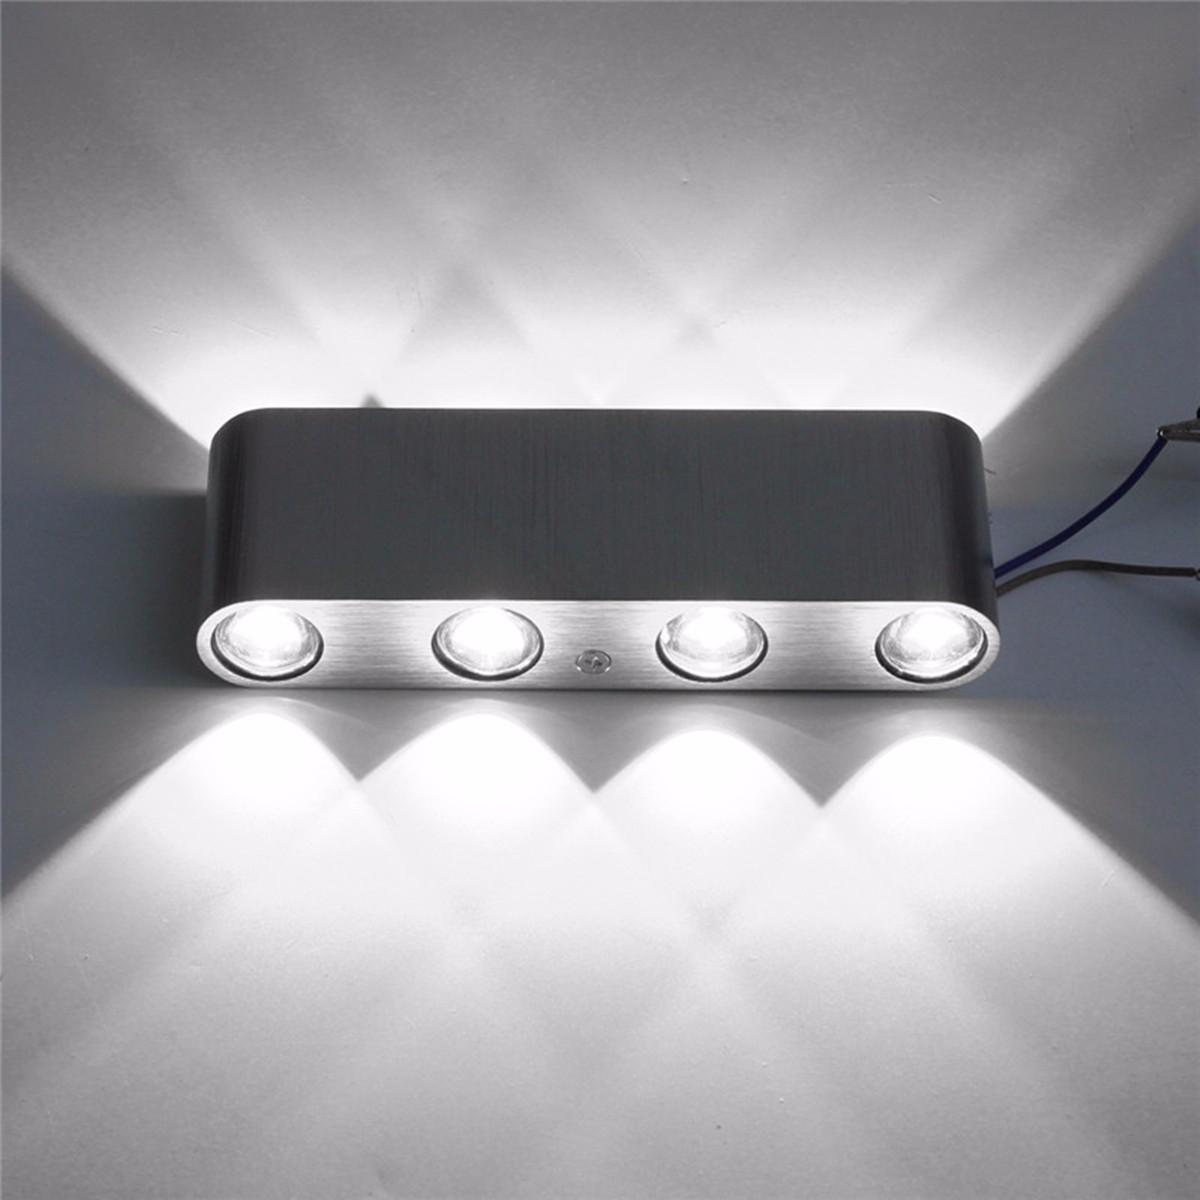 led lampe applique murale ampoule 8w eclairage mur maison d cor couloir. Black Bedroom Furniture Sets. Home Design Ideas